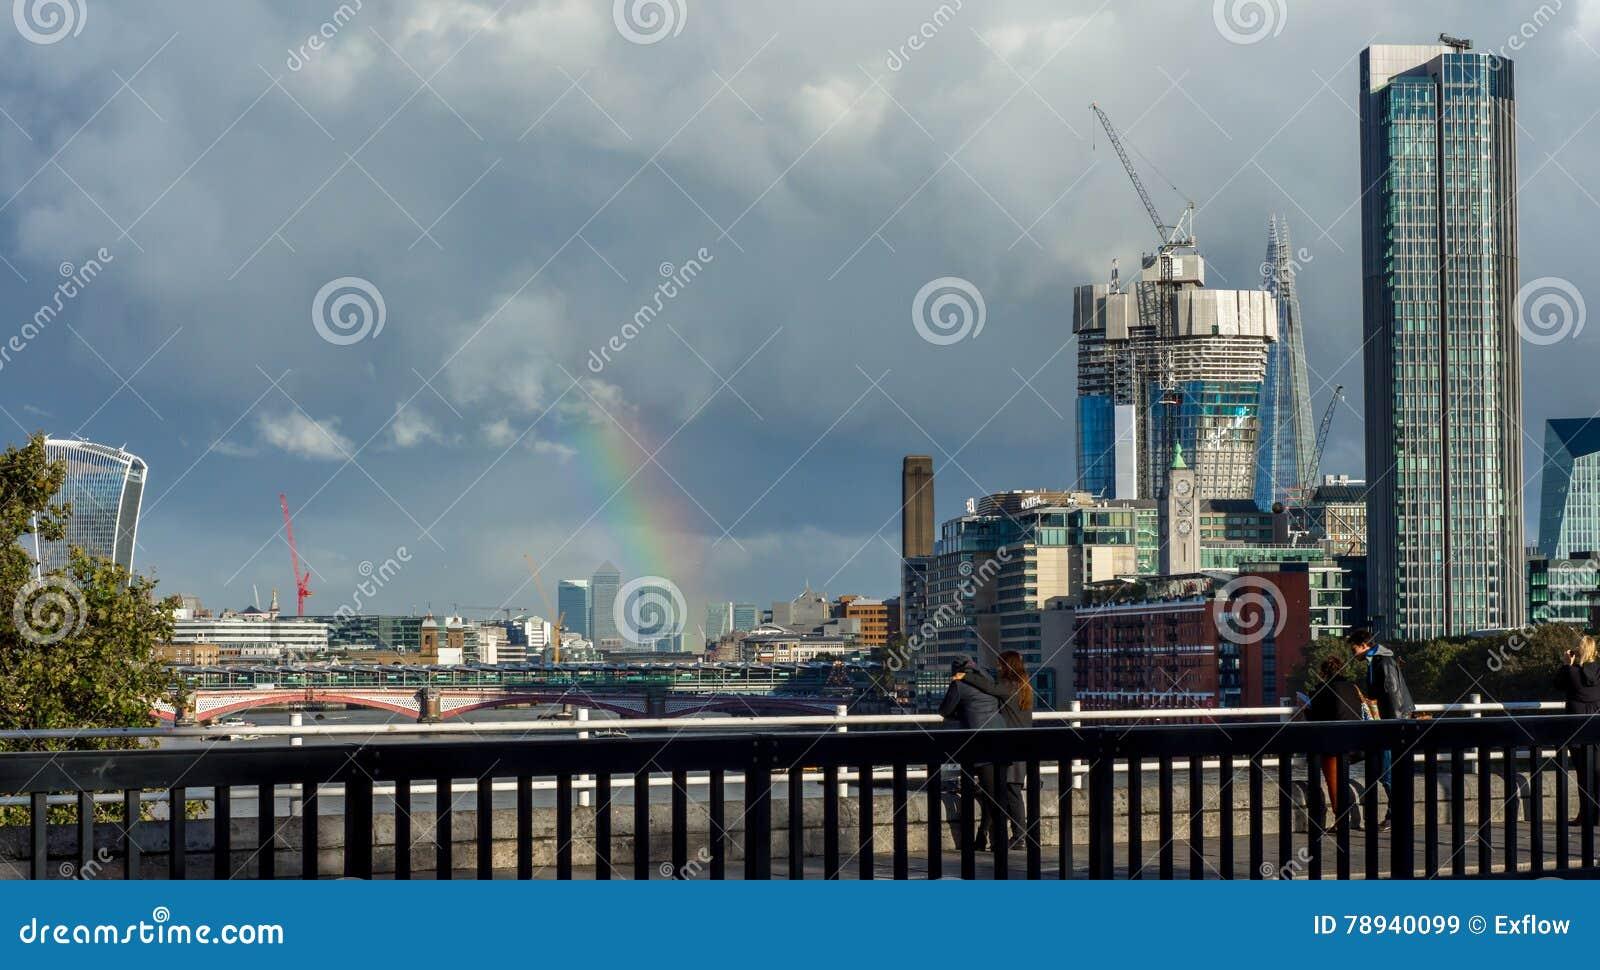 Ουράνιο τόξο πέρα από την πόλη του Λονδίνου